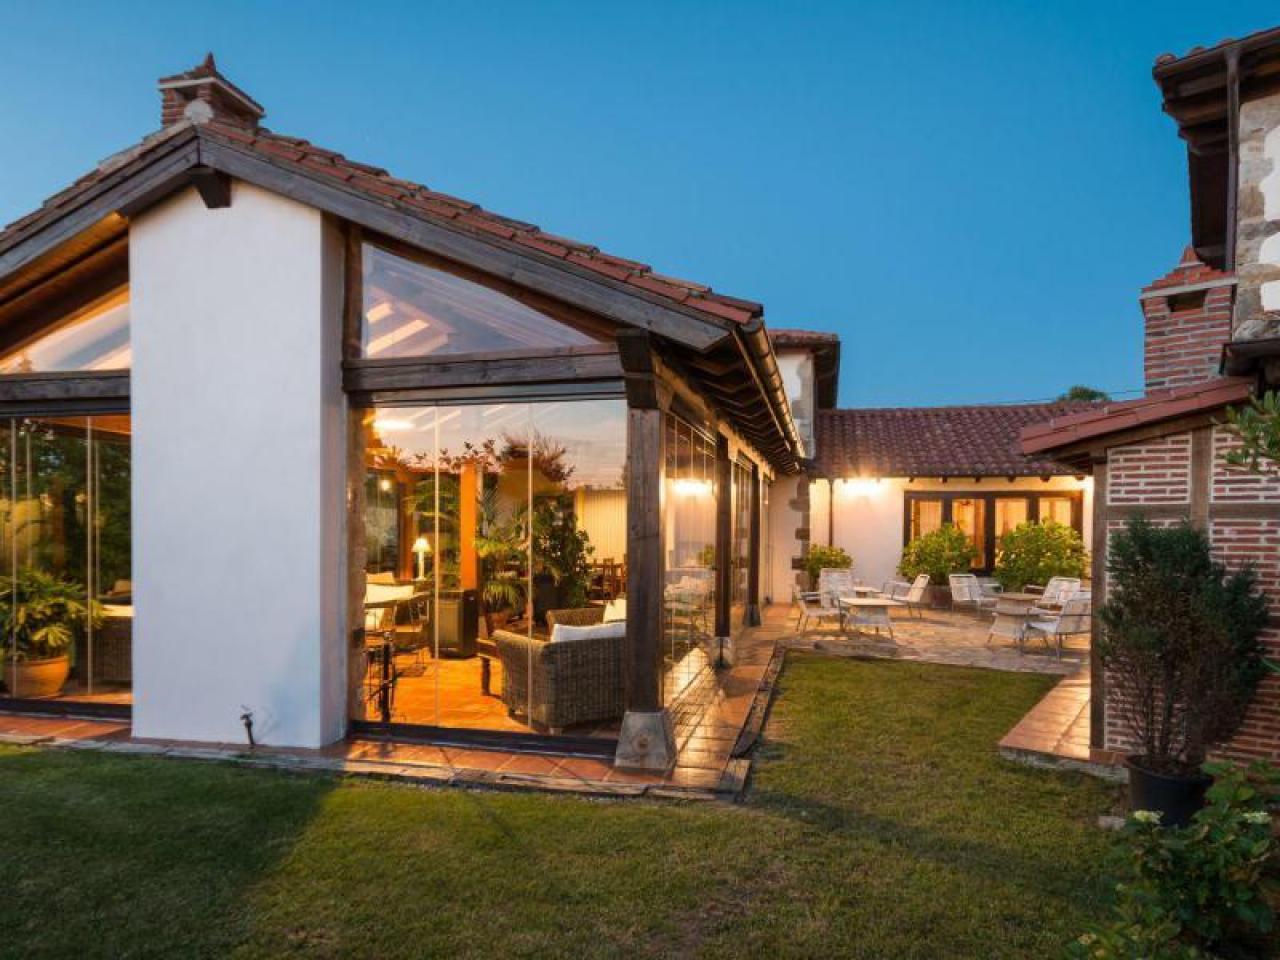 Alquiler de apartamentos Somo, Cantabria